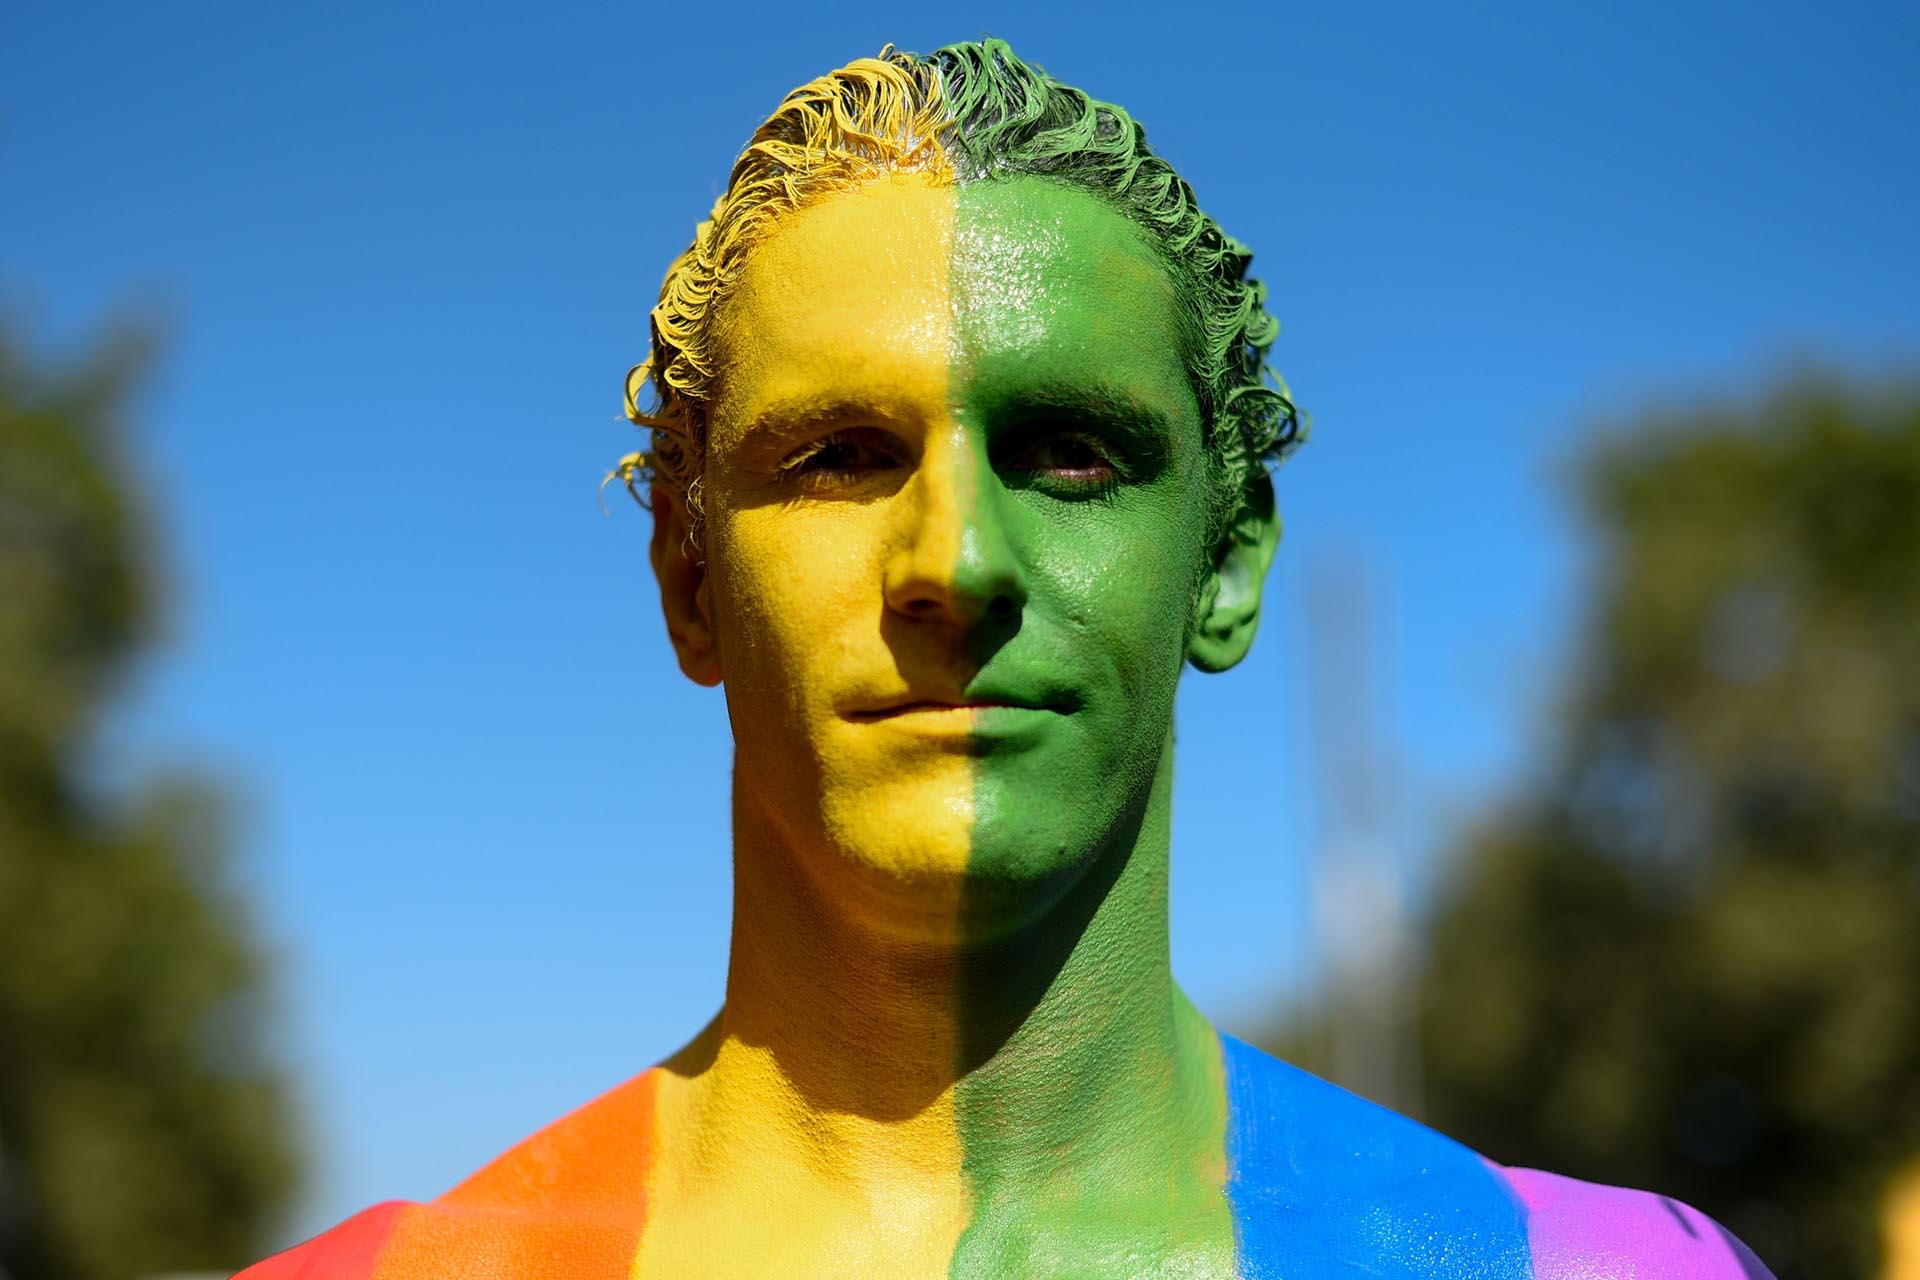 Un participante cuyo cuerpo está pintado con los colores de la bandera del arco iris participa en el desfile del Orgullo en Barcelona el 29 de junio de 2019.